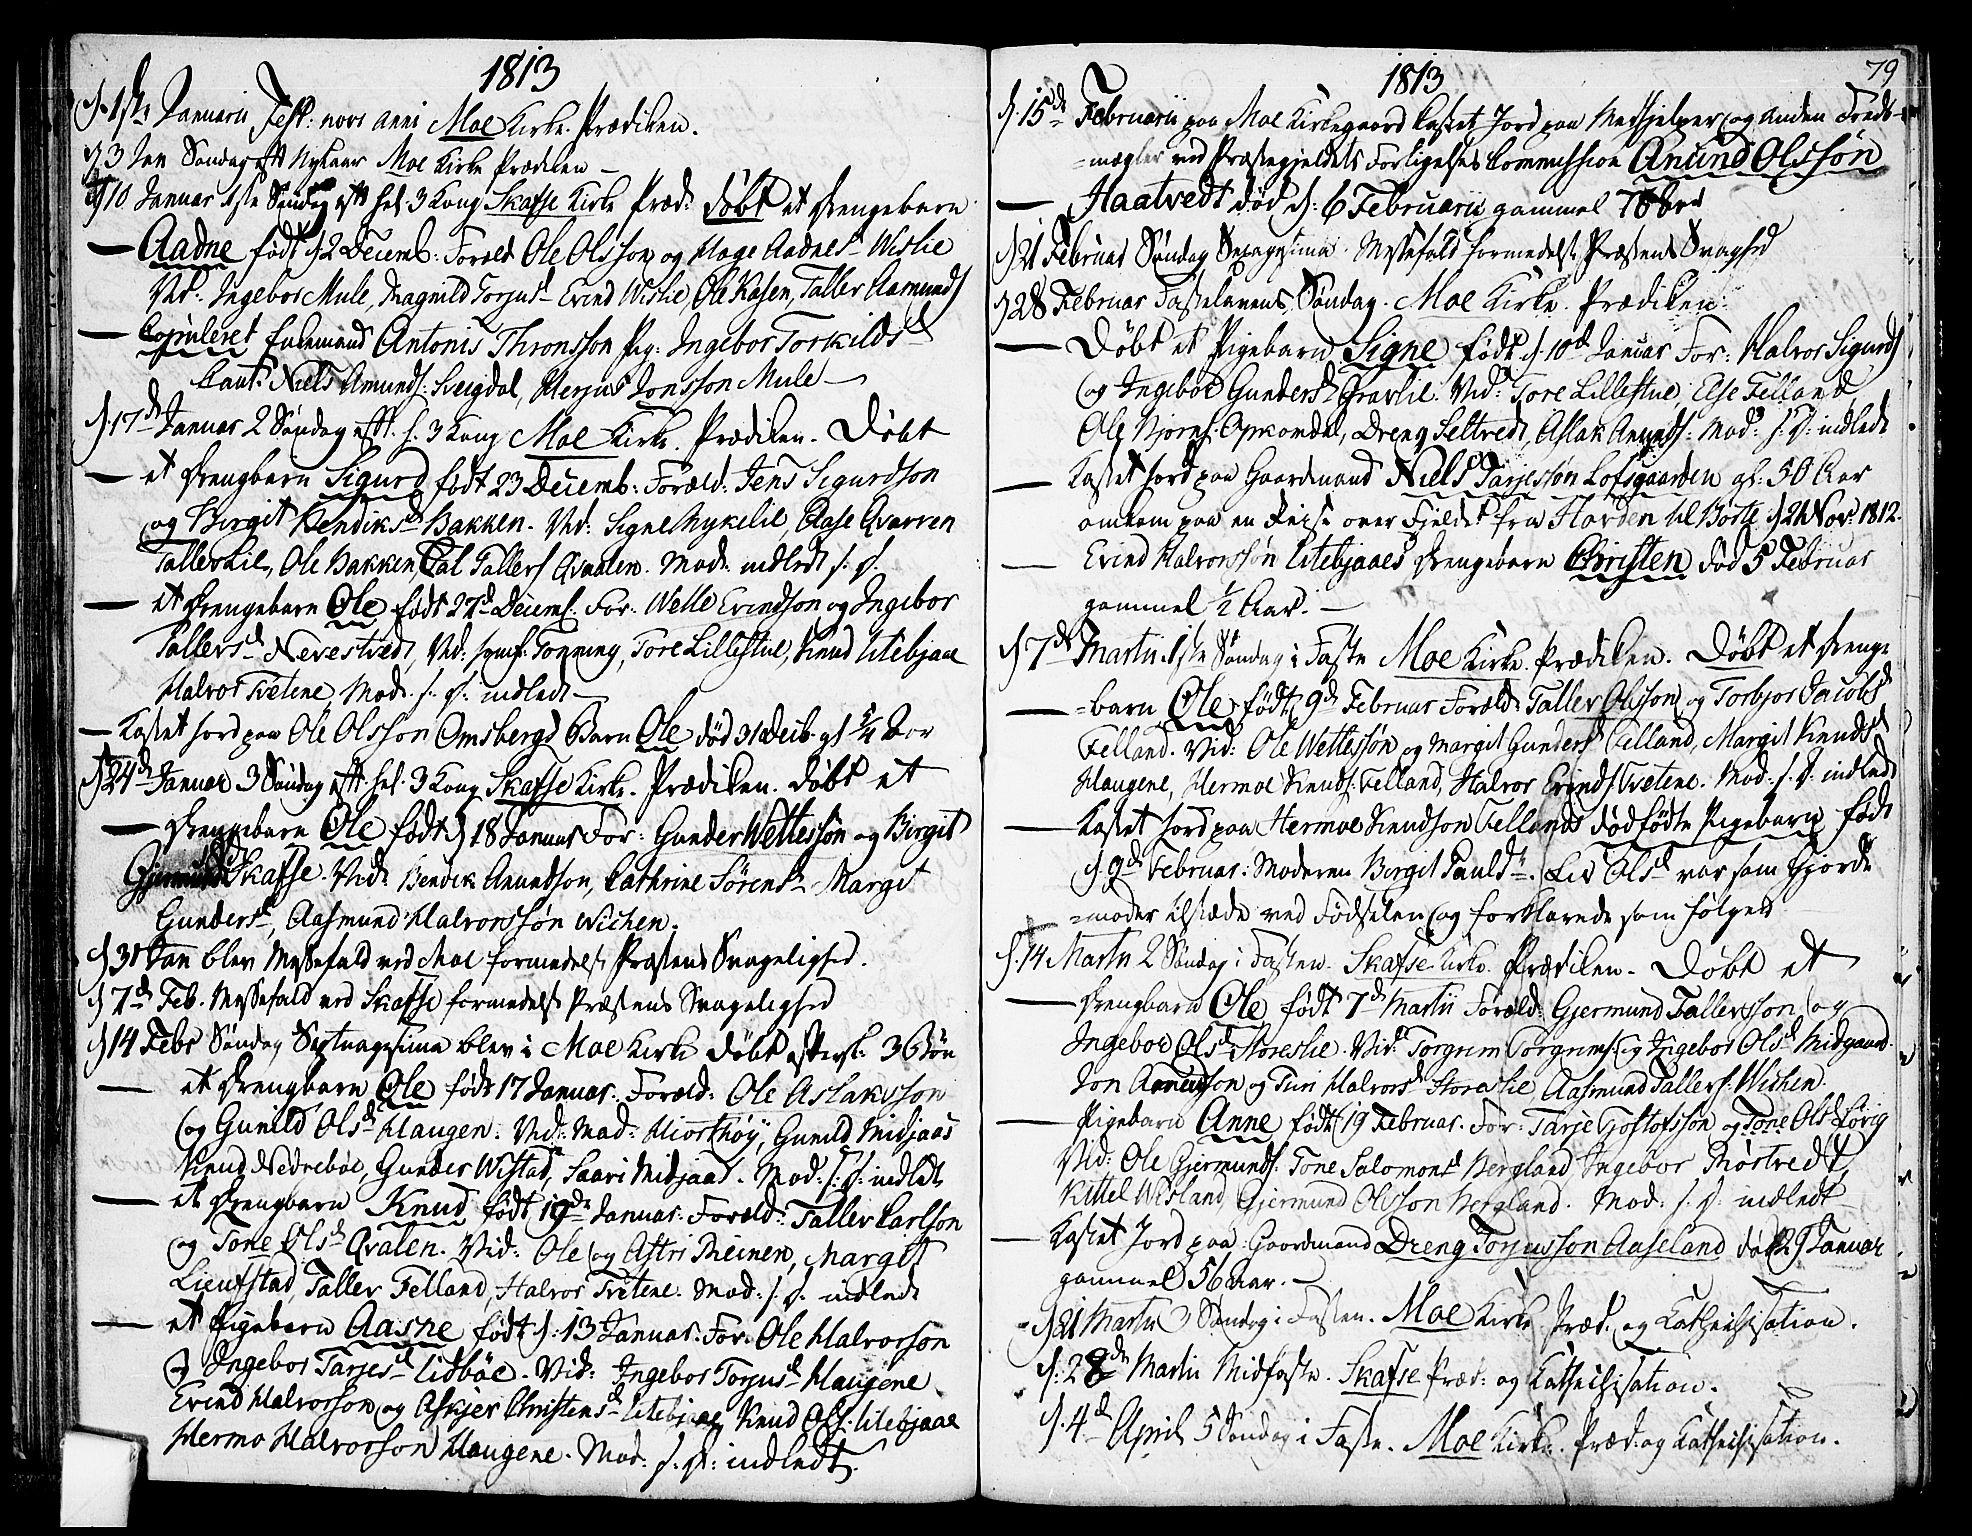 SAKO, Mo kirkebøker, F/Fa/L0003: Ministerialbok nr. I 3, 1800-1814, s. 79